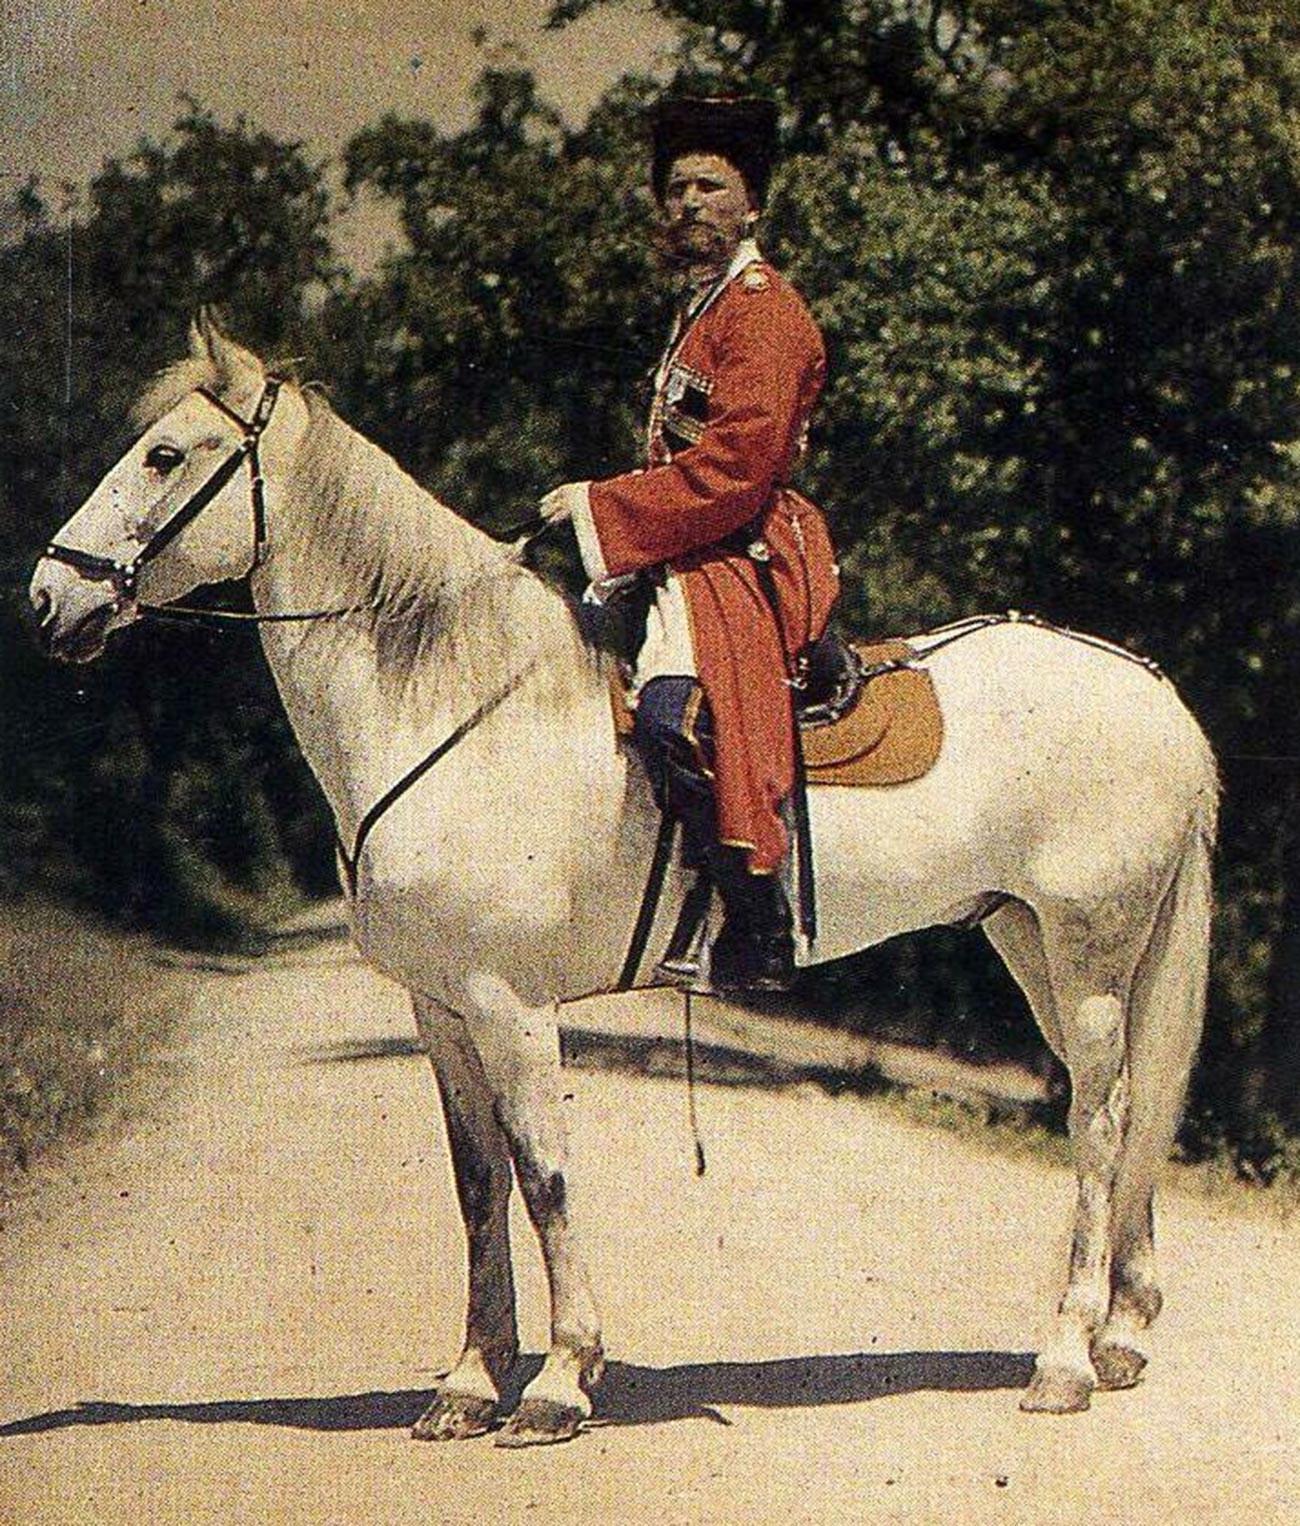 Ein Kosake aus der persönlichen Garde des Zaren, 1910er Jahre